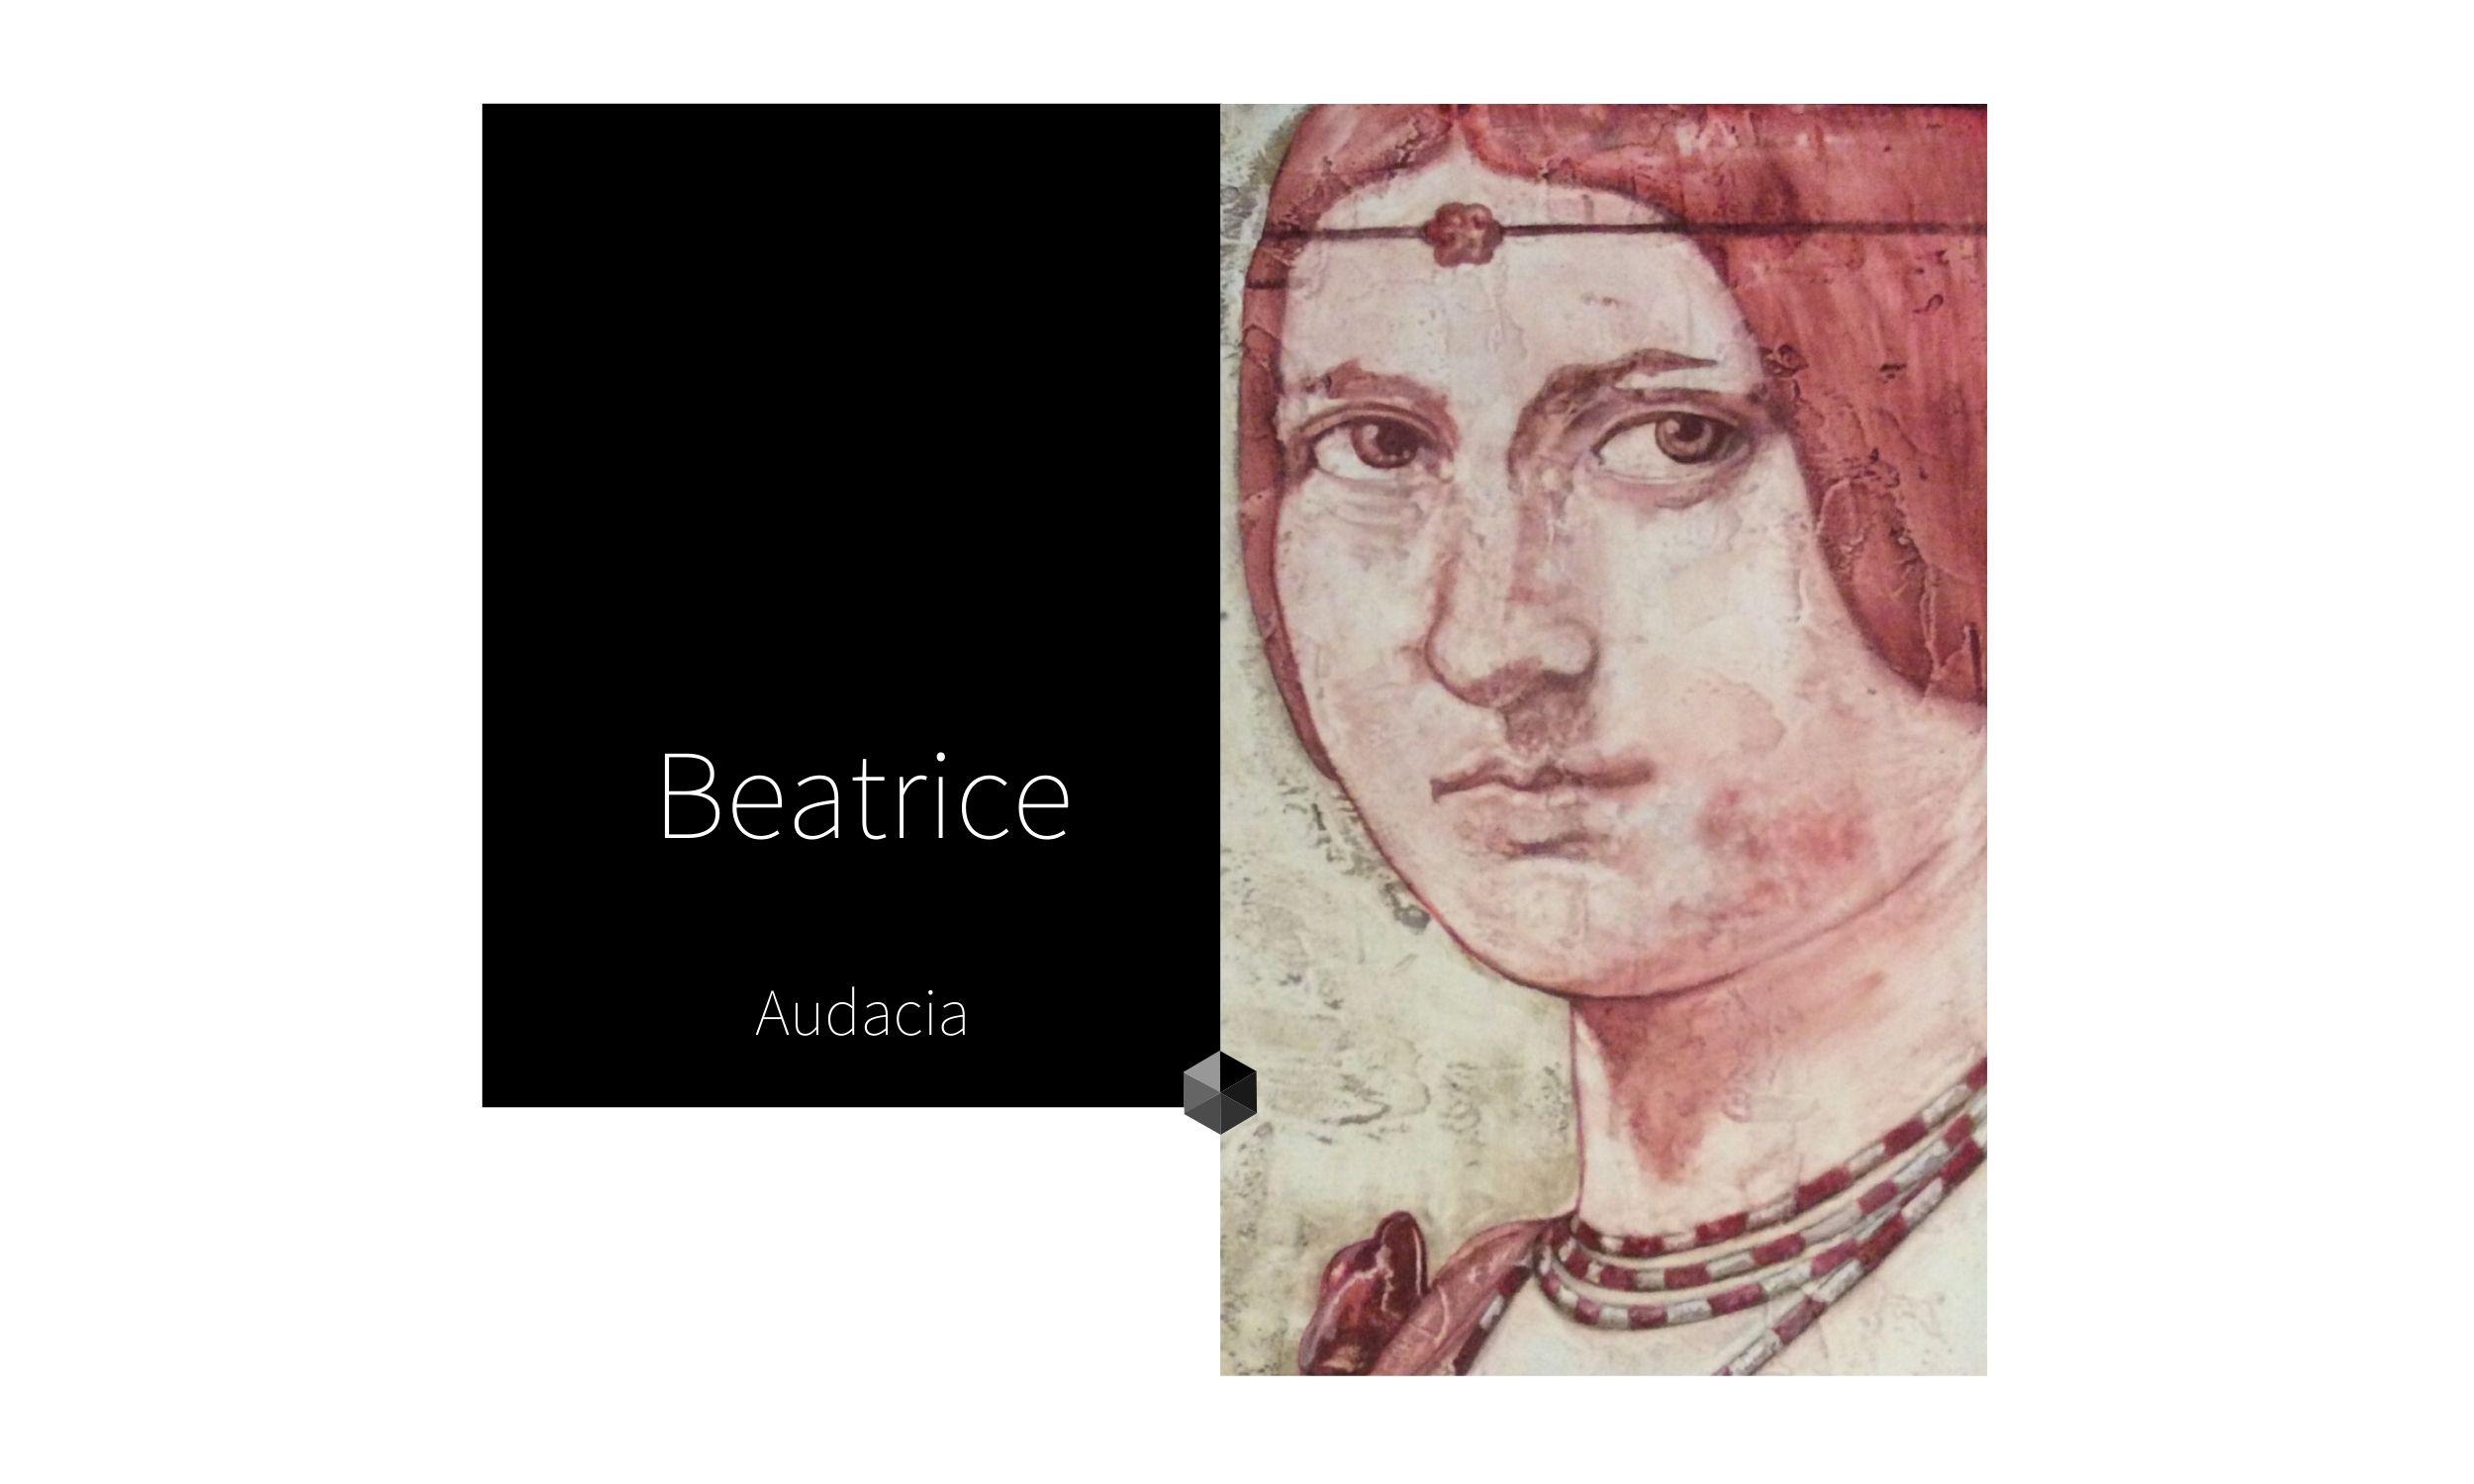 BEATRICE | por C.J. Ruiz Colección Flor de Ziur | AUDACIA